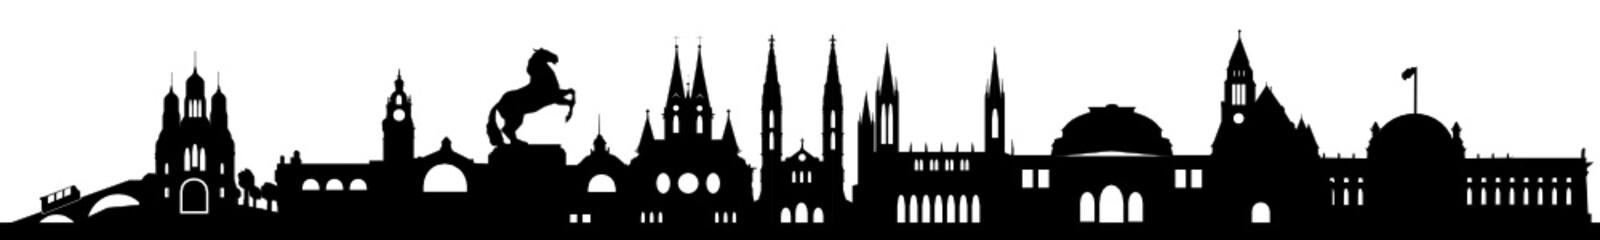 Skyline Wiesbaden mit Wahrzeichen